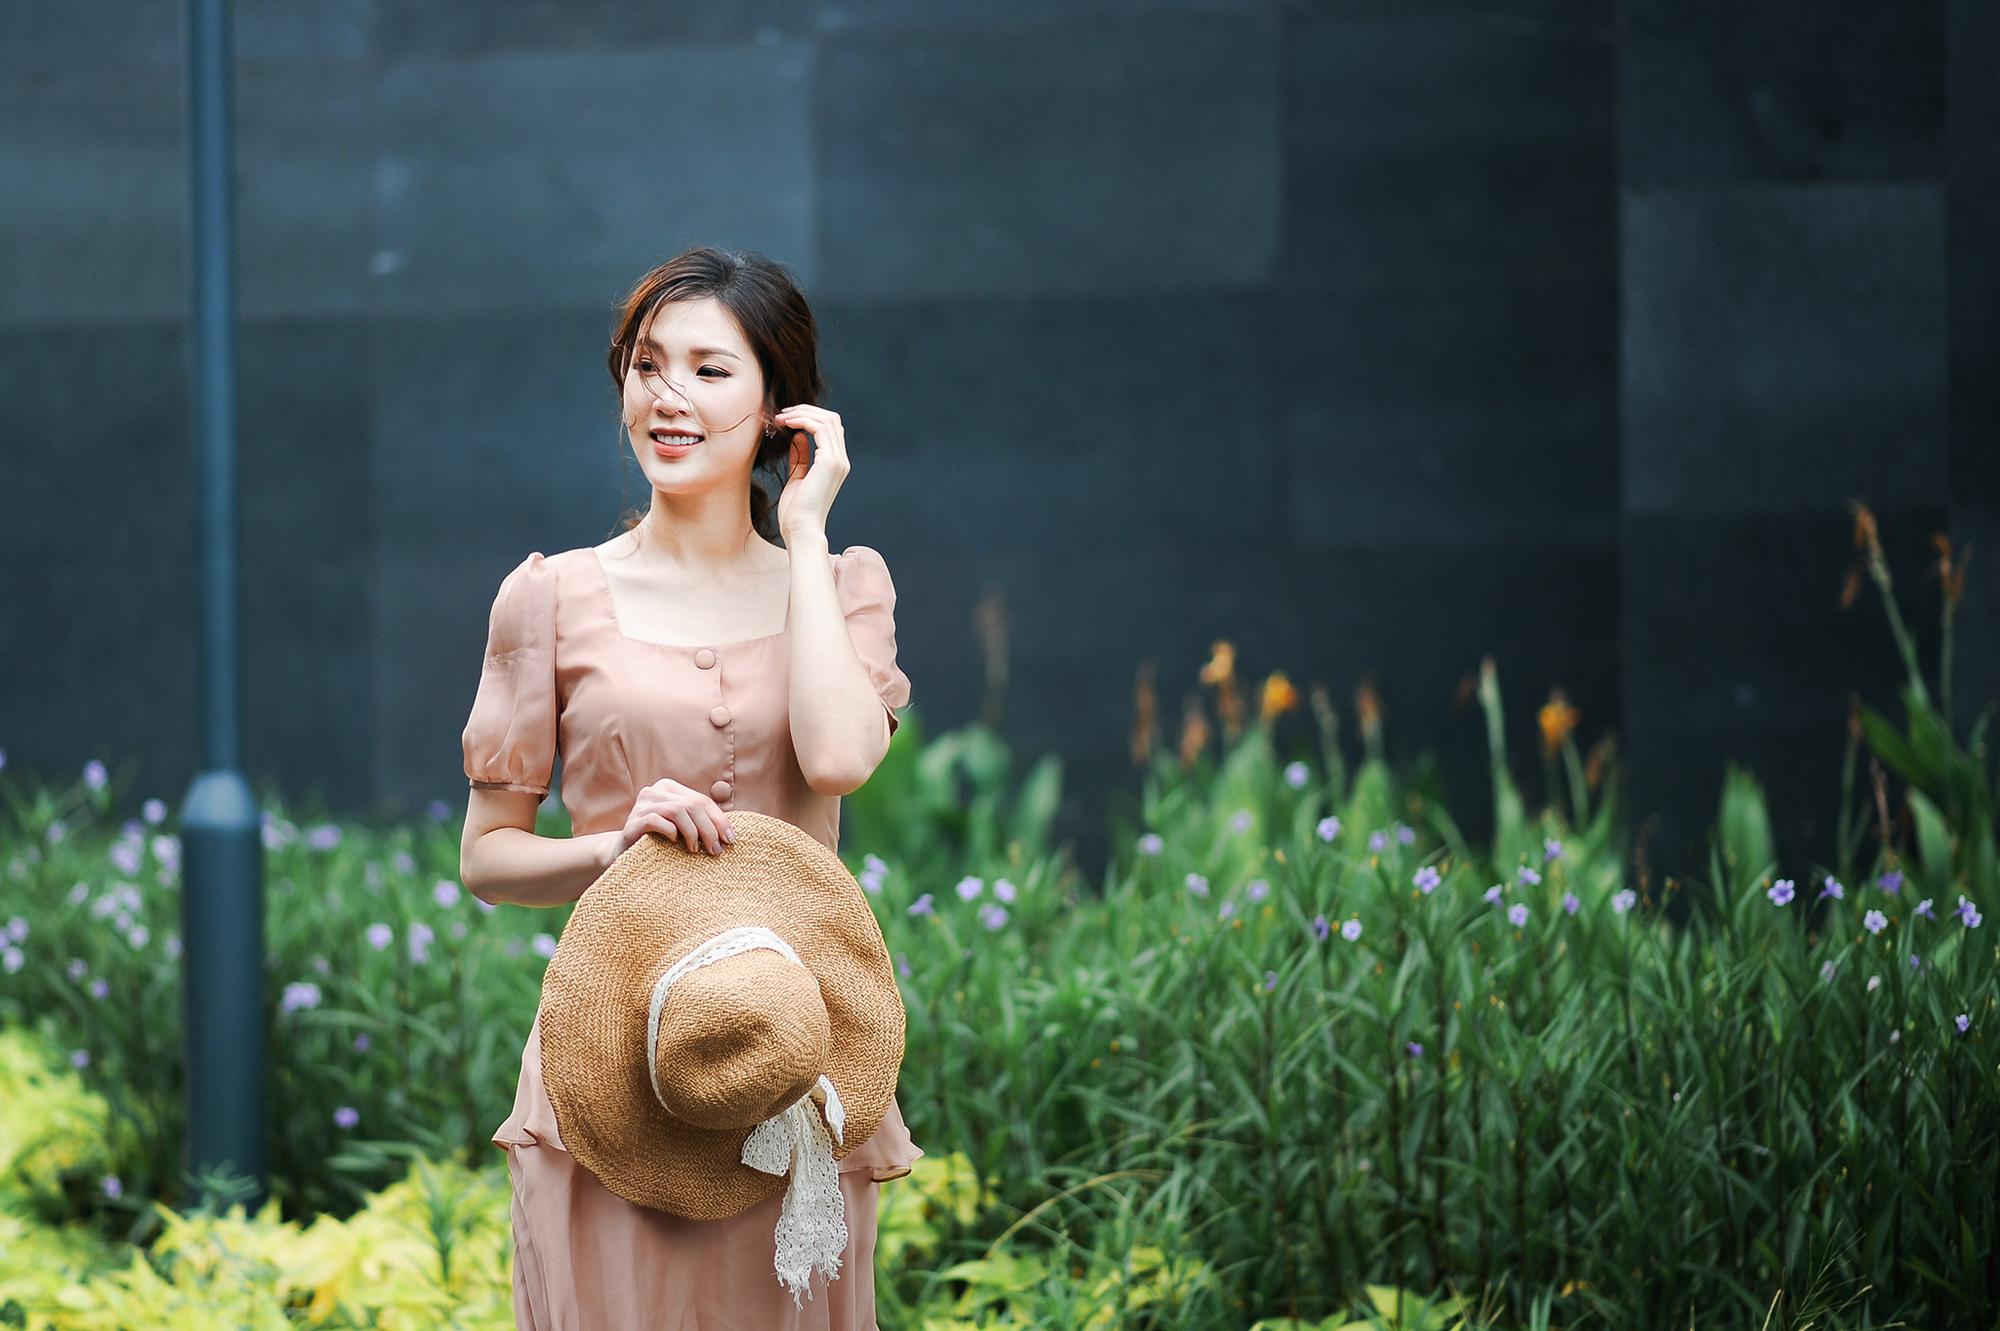 Dọa bị sảy thai, từng bị băng huyết, Hoa hậu Phí Thùy Linh vẫn ước ao sinh thêm con - Ảnh 2.